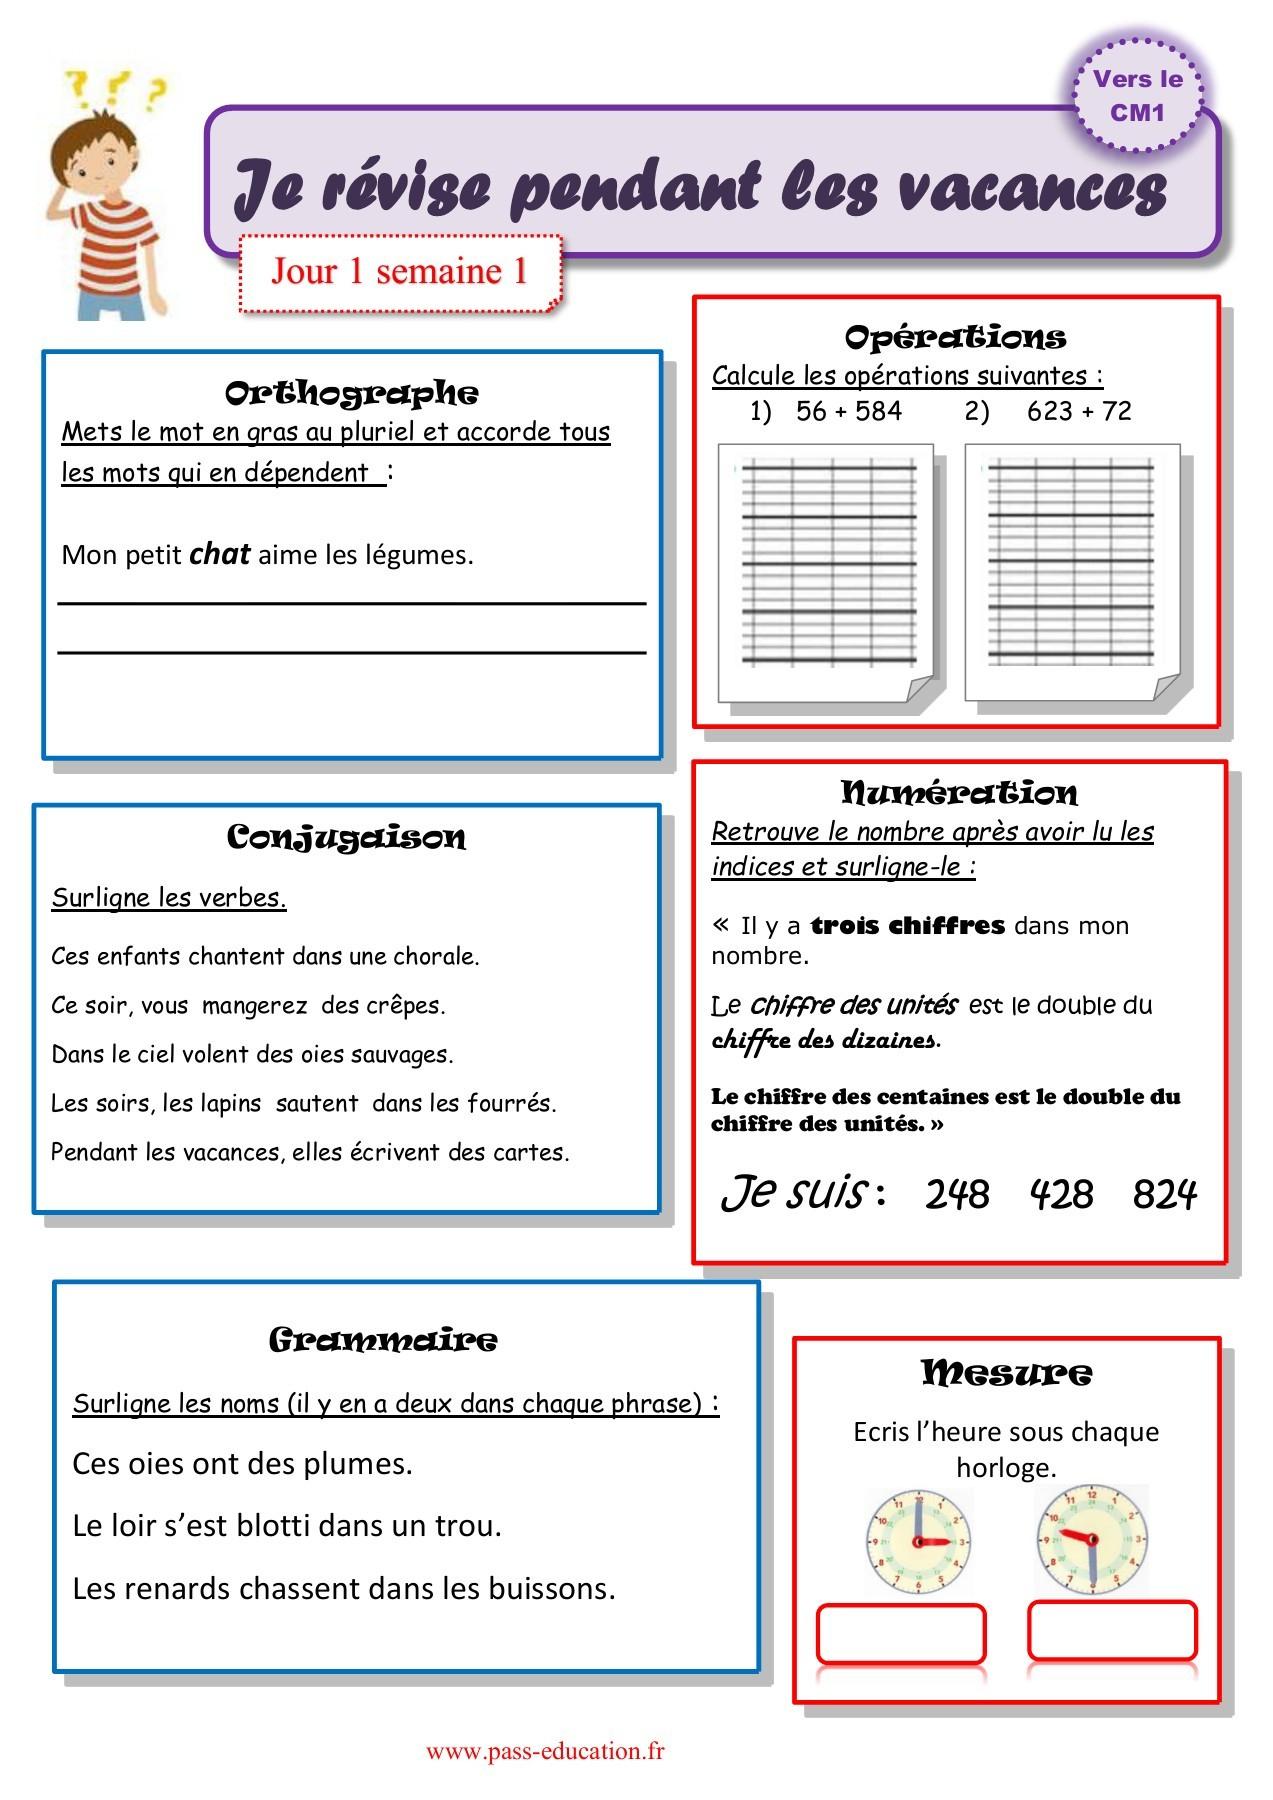 Cahier De Vacances Gratuit À Imprimer - Ce2 Vers Le Cm1 intérieur Cahier De Vacances Maternelle Pdf